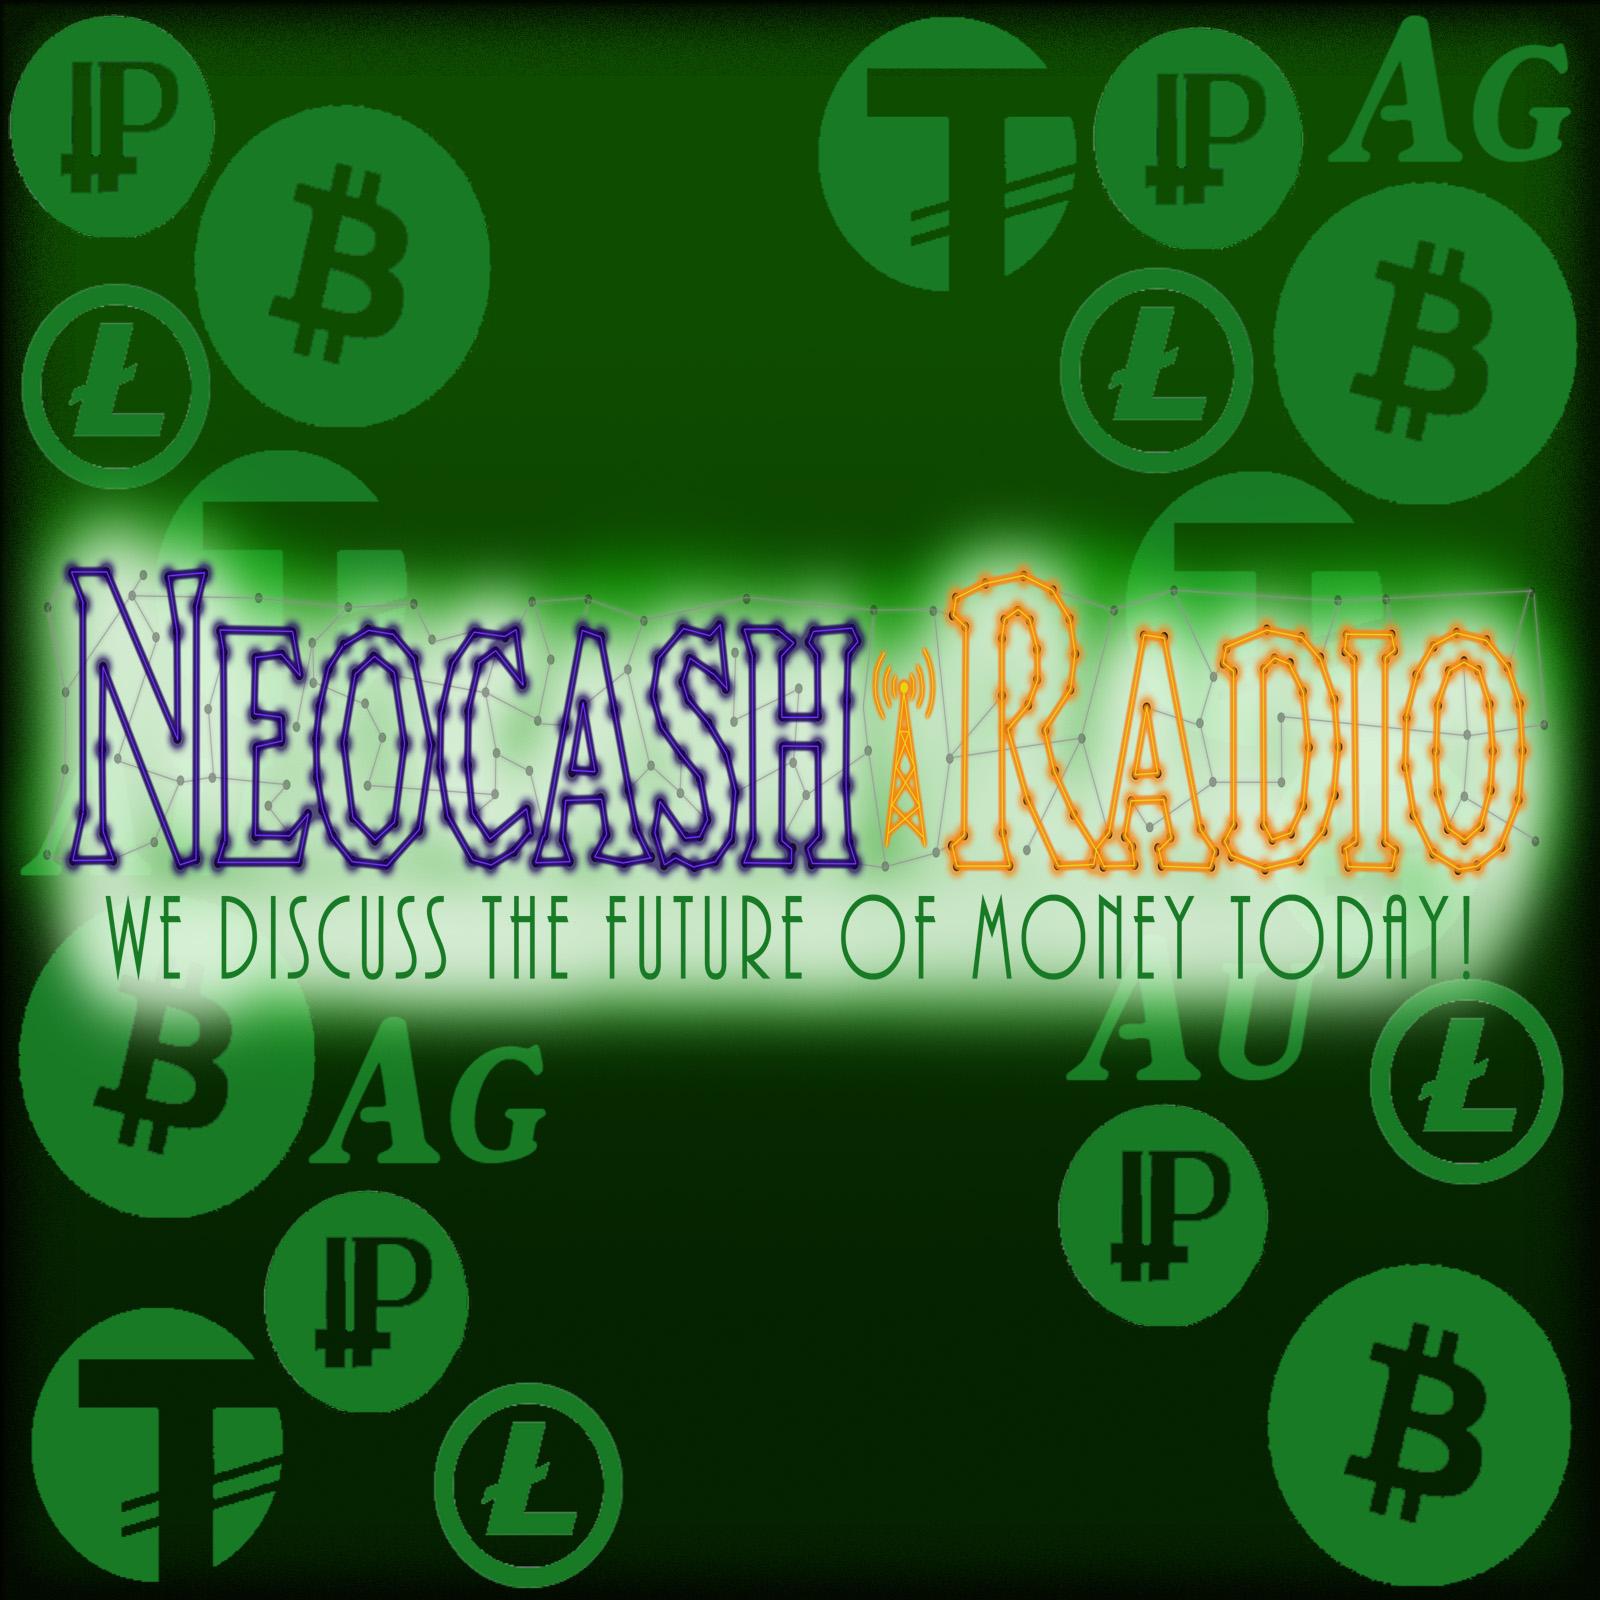 Neocash Radio - Episode 161